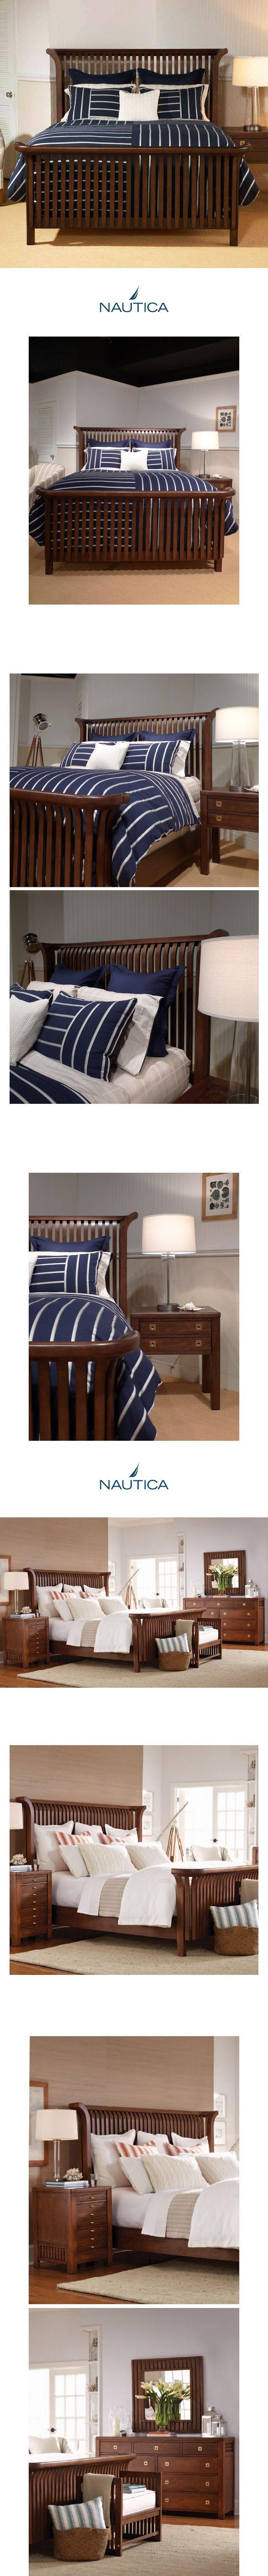 상품 상세보기 : 침대1 - Nautica 135 King Panel Bed (침대+협탁+화장대) ~#1 Selling in Florida / Ocean Life~